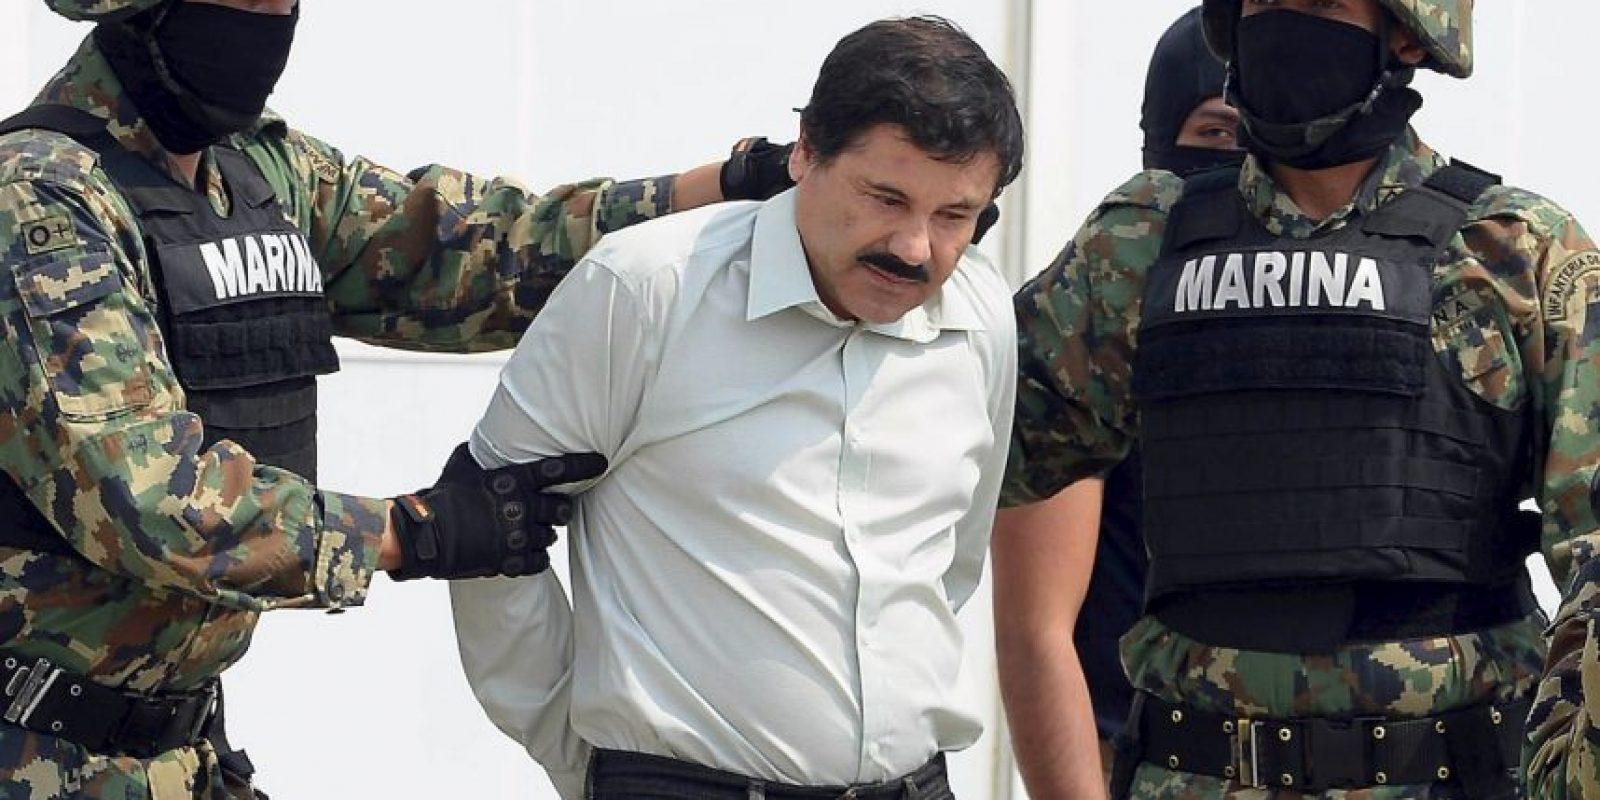 Durante la madrugada, Joaquín Guzmán fue capturado sin un solo disparo por miembros de la Marina Armada de México. Foto:AP